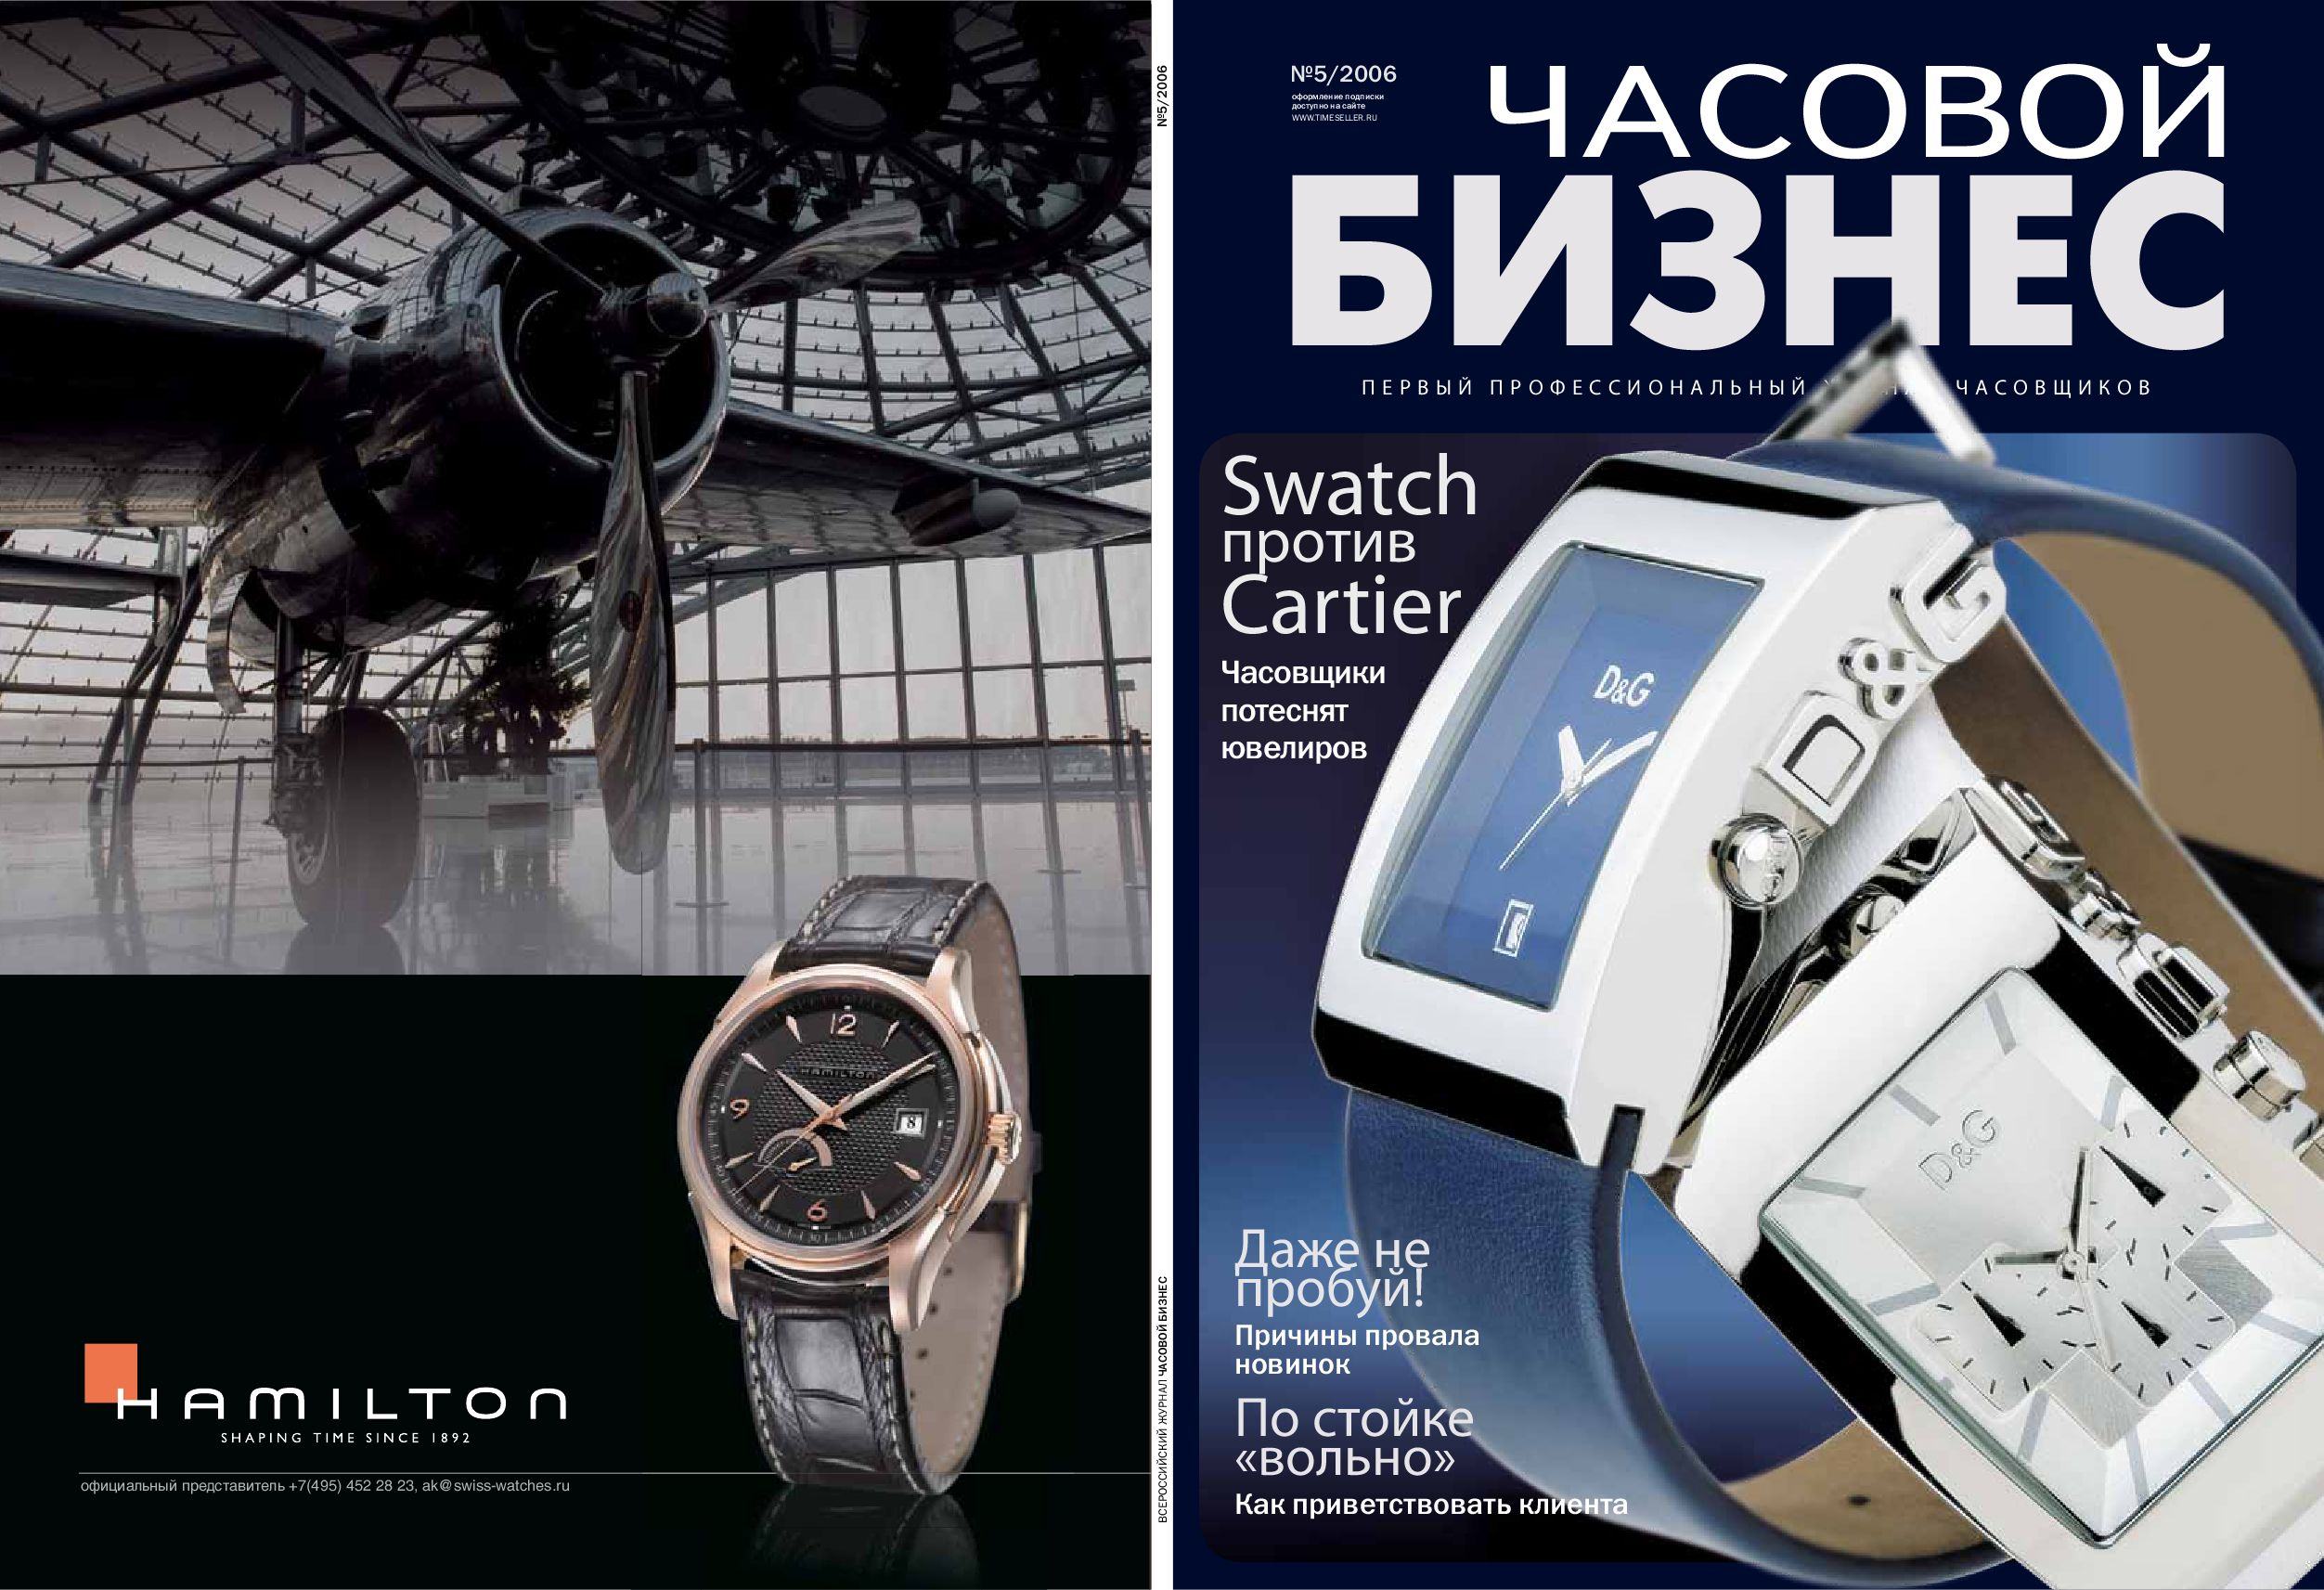 Часы в swatch киеве заложить часов восток стоимость ремонт